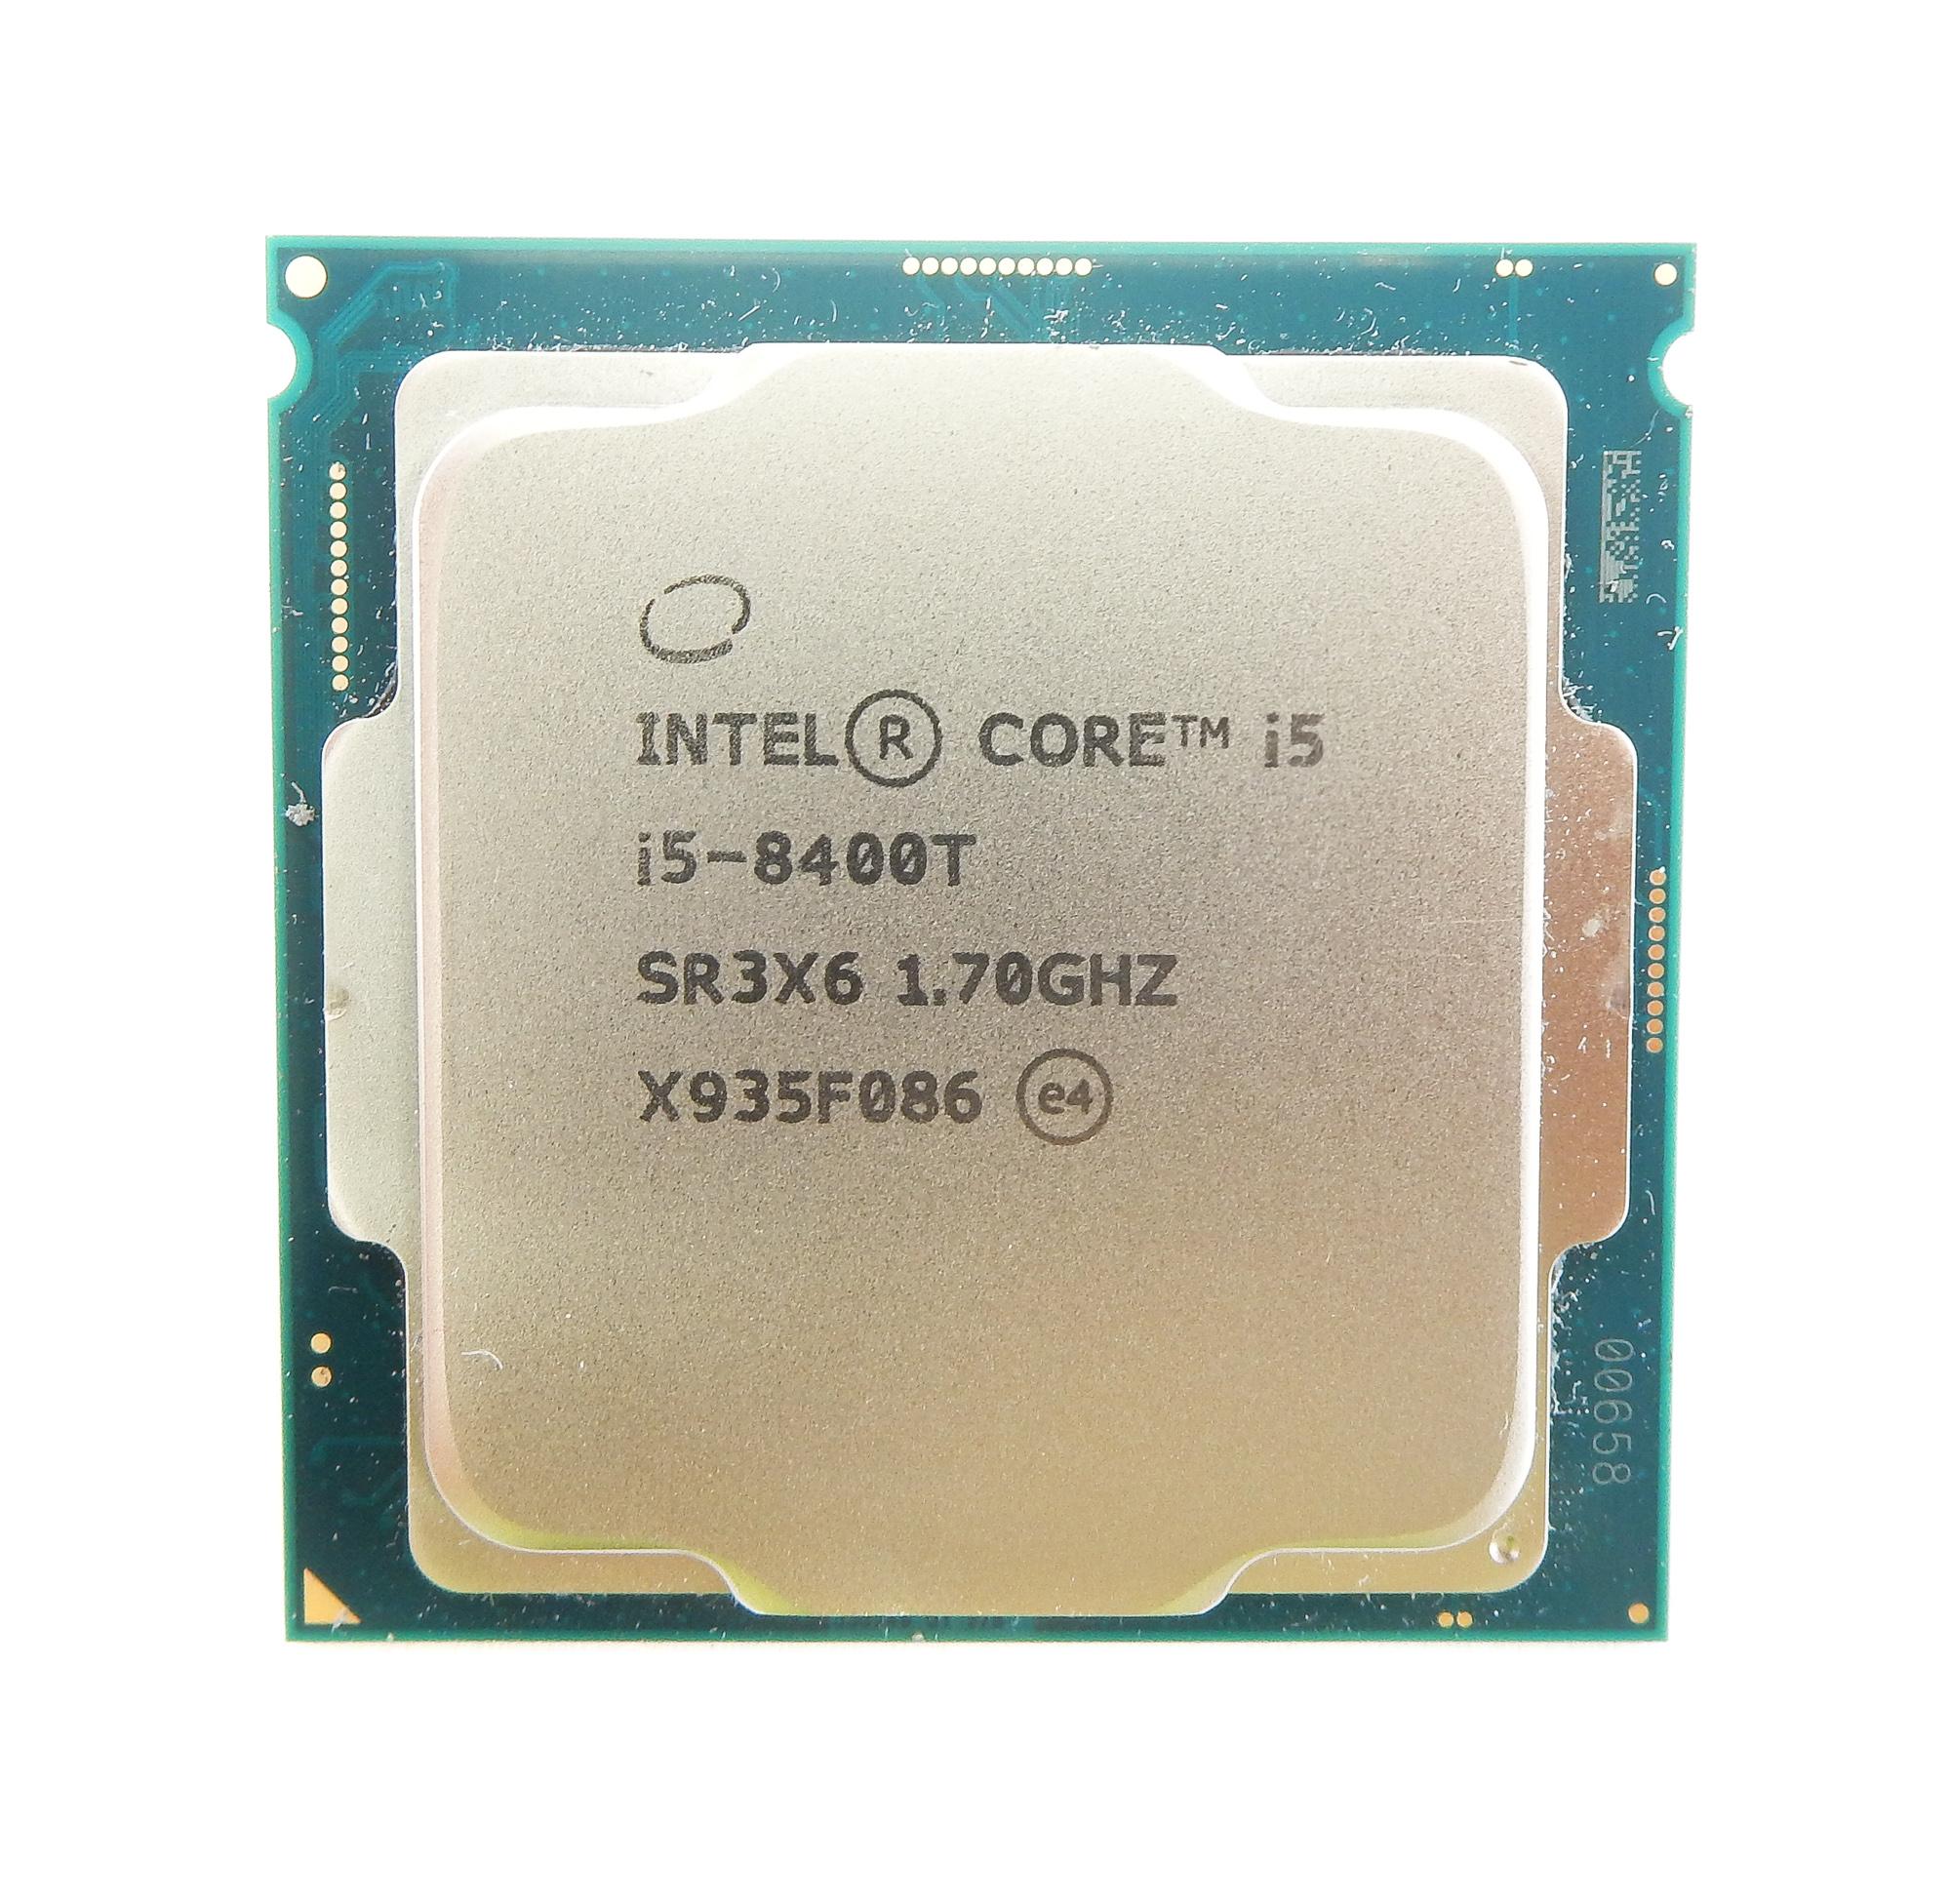 Intel SR3X6 Core i5 8400 6 Cores 1.7GHz LGA1151 Processor CPU